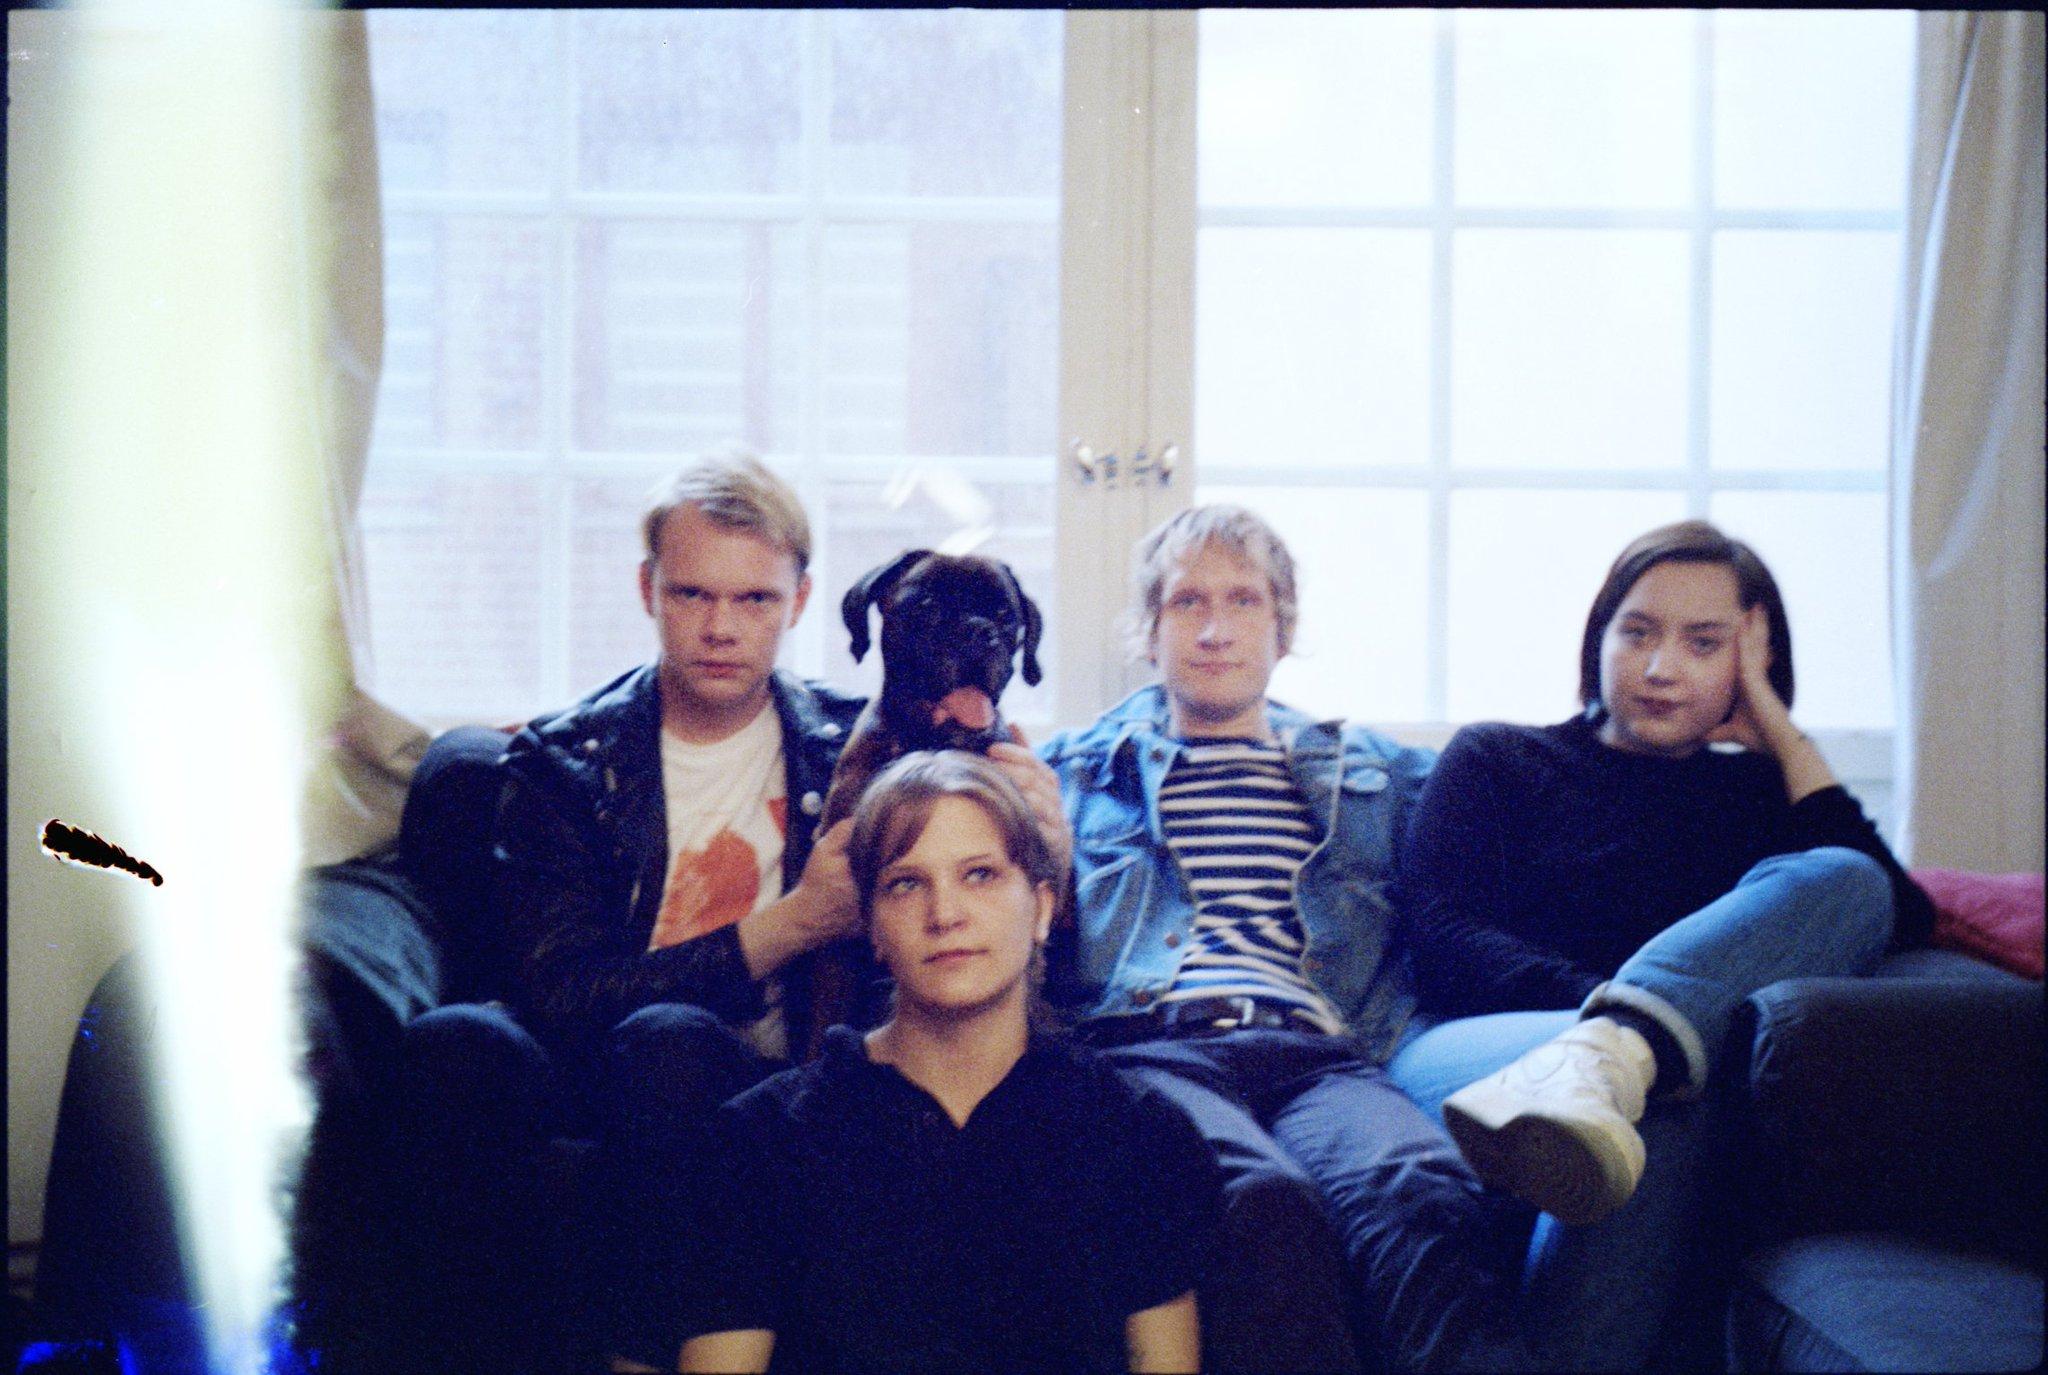 """Swedish band @makthaverskan69 watch the world burn on new song """"Eden."""" https://t.co/VKJ4ndQS6R https://t.co/kRL208I5HY"""